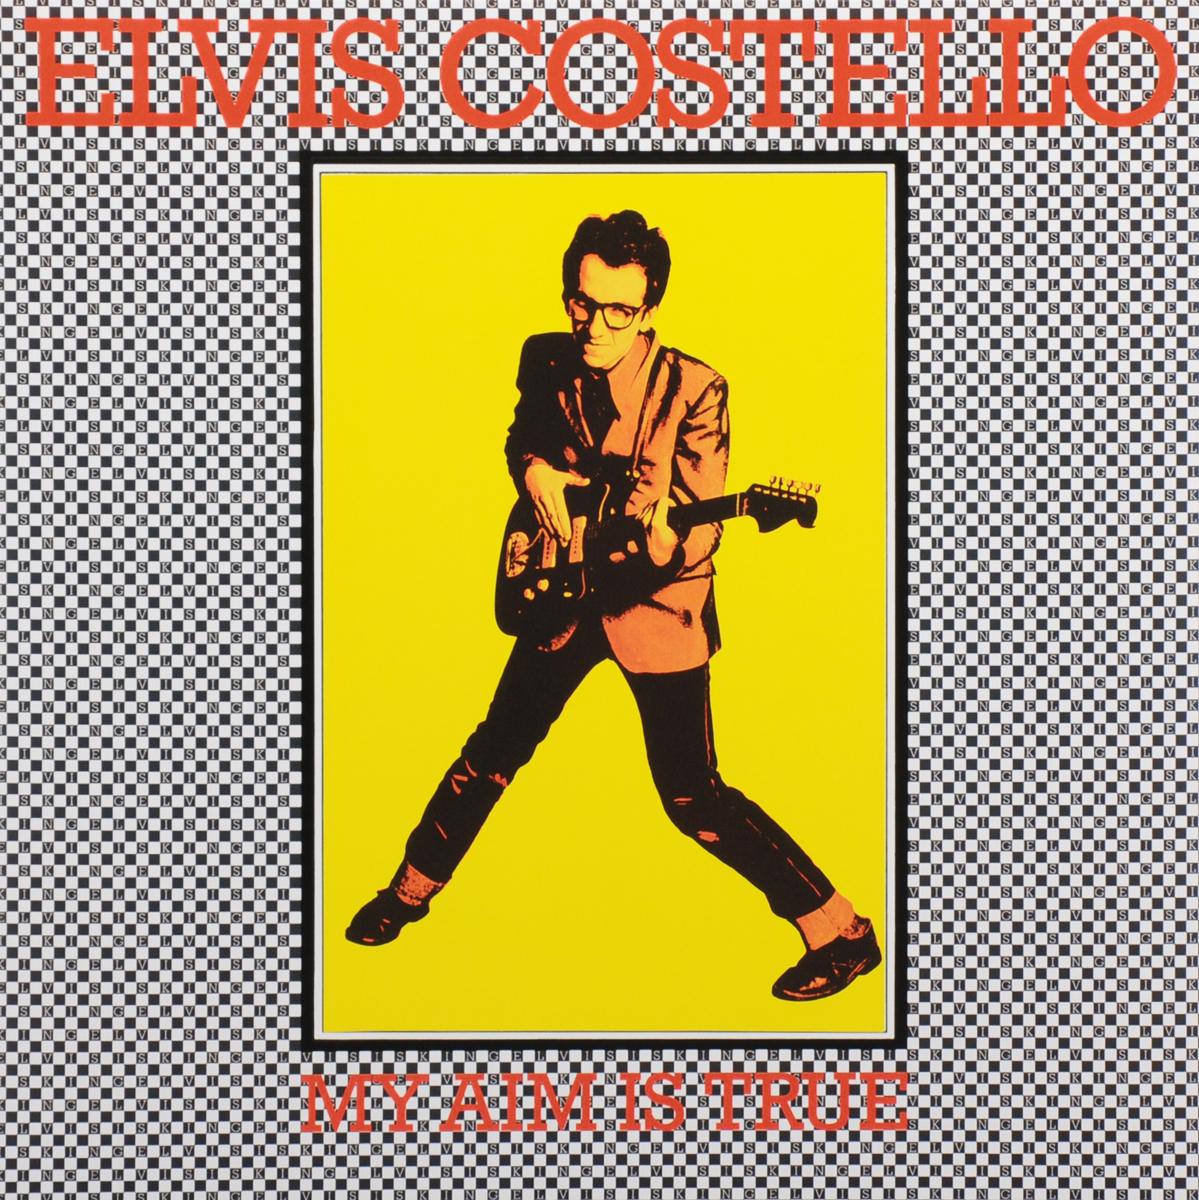 Элвис Костелло Elvis Costello. My Aim Is True (LP) элвис костелло the attractions elvis costello and the attractions ibmepderoloaml lp